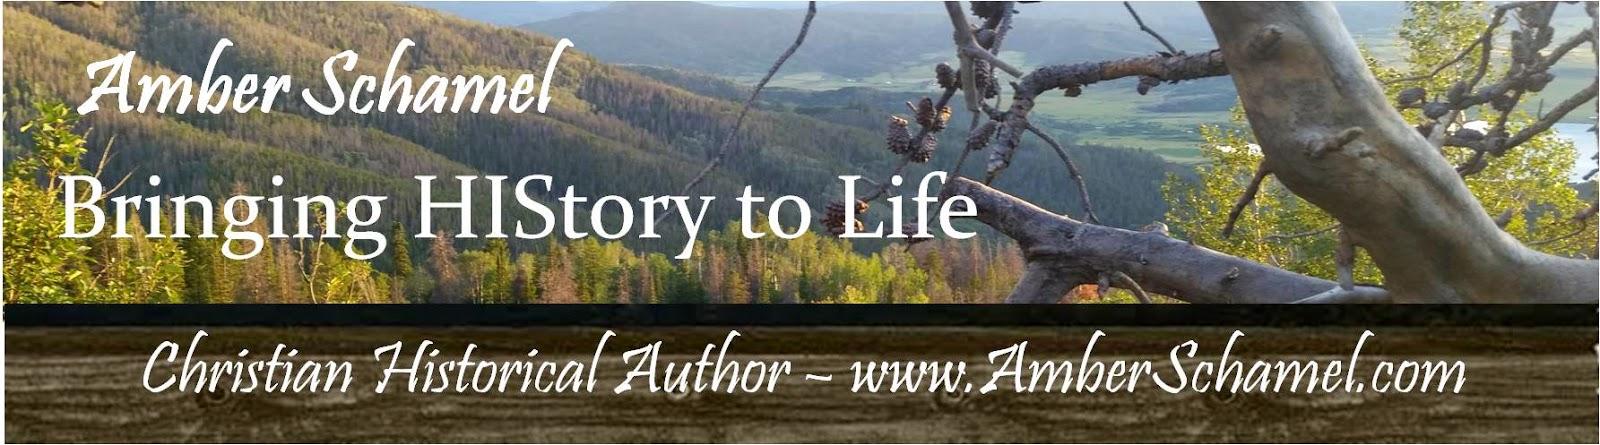 Blogger: Amber Schamel Bringing HIStory to Life